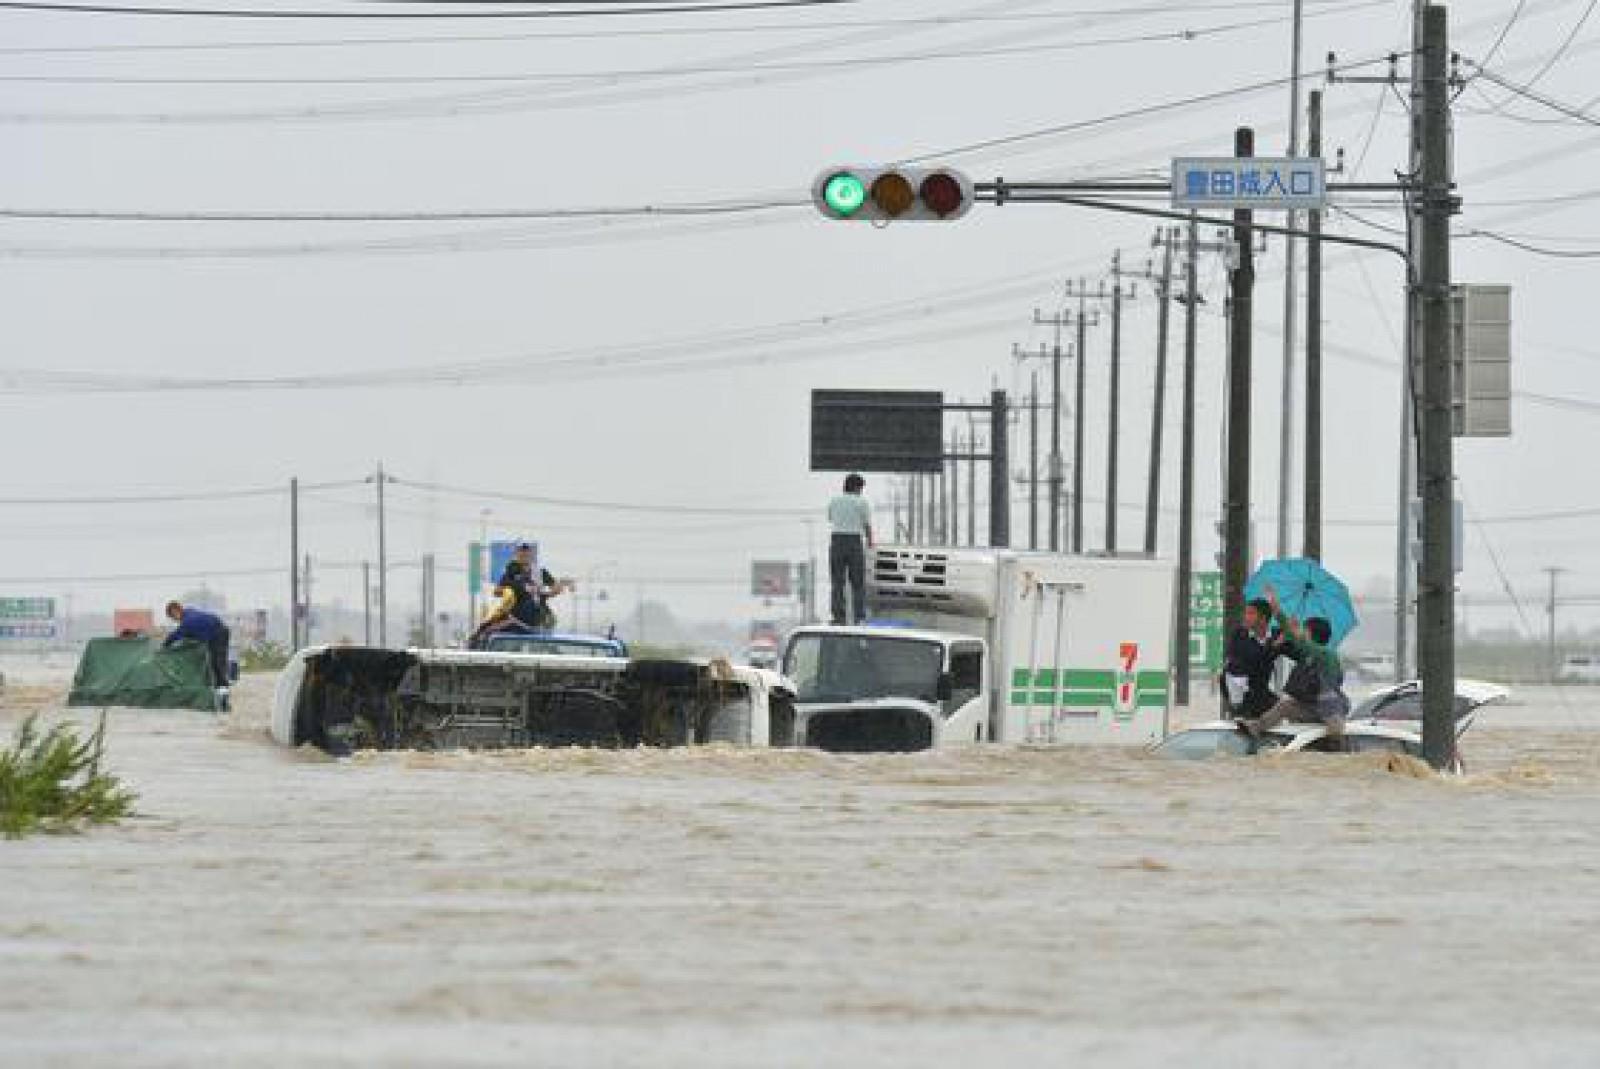 Inundaţiile devastatoare din Japonia: Bilanţul a ajuns la 141 de morţi